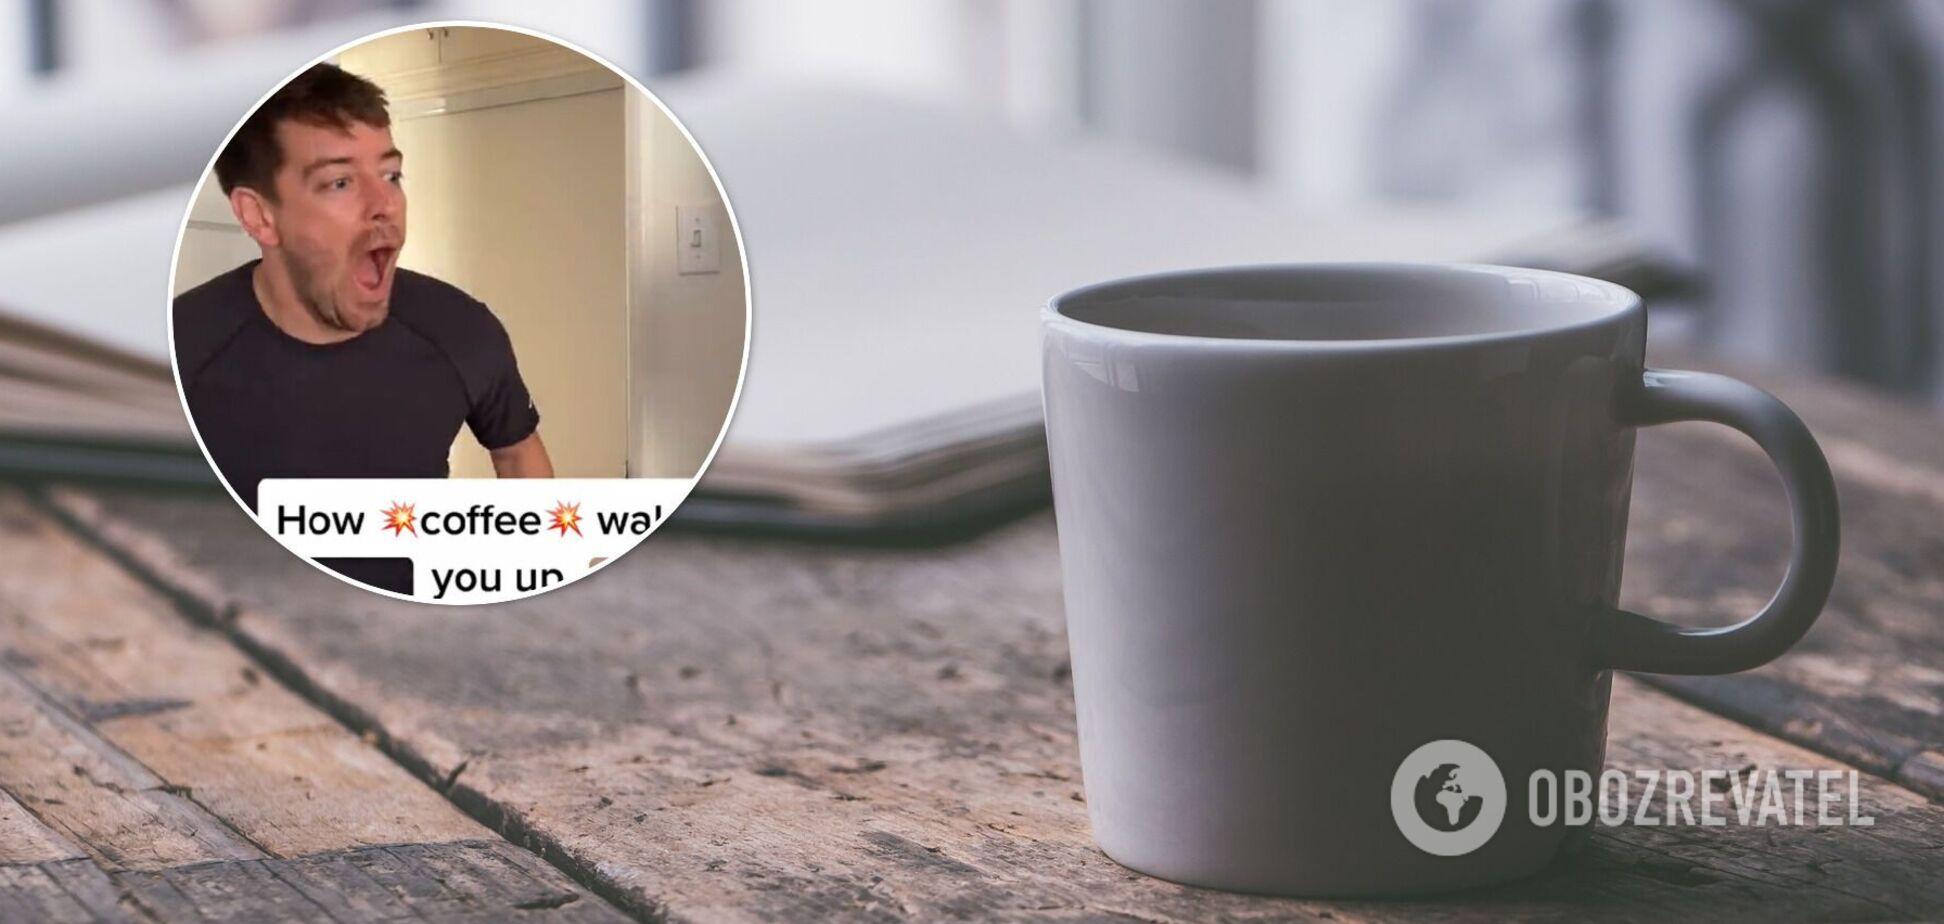 Многие пользователи признались, что в случае с кофе узнали себя